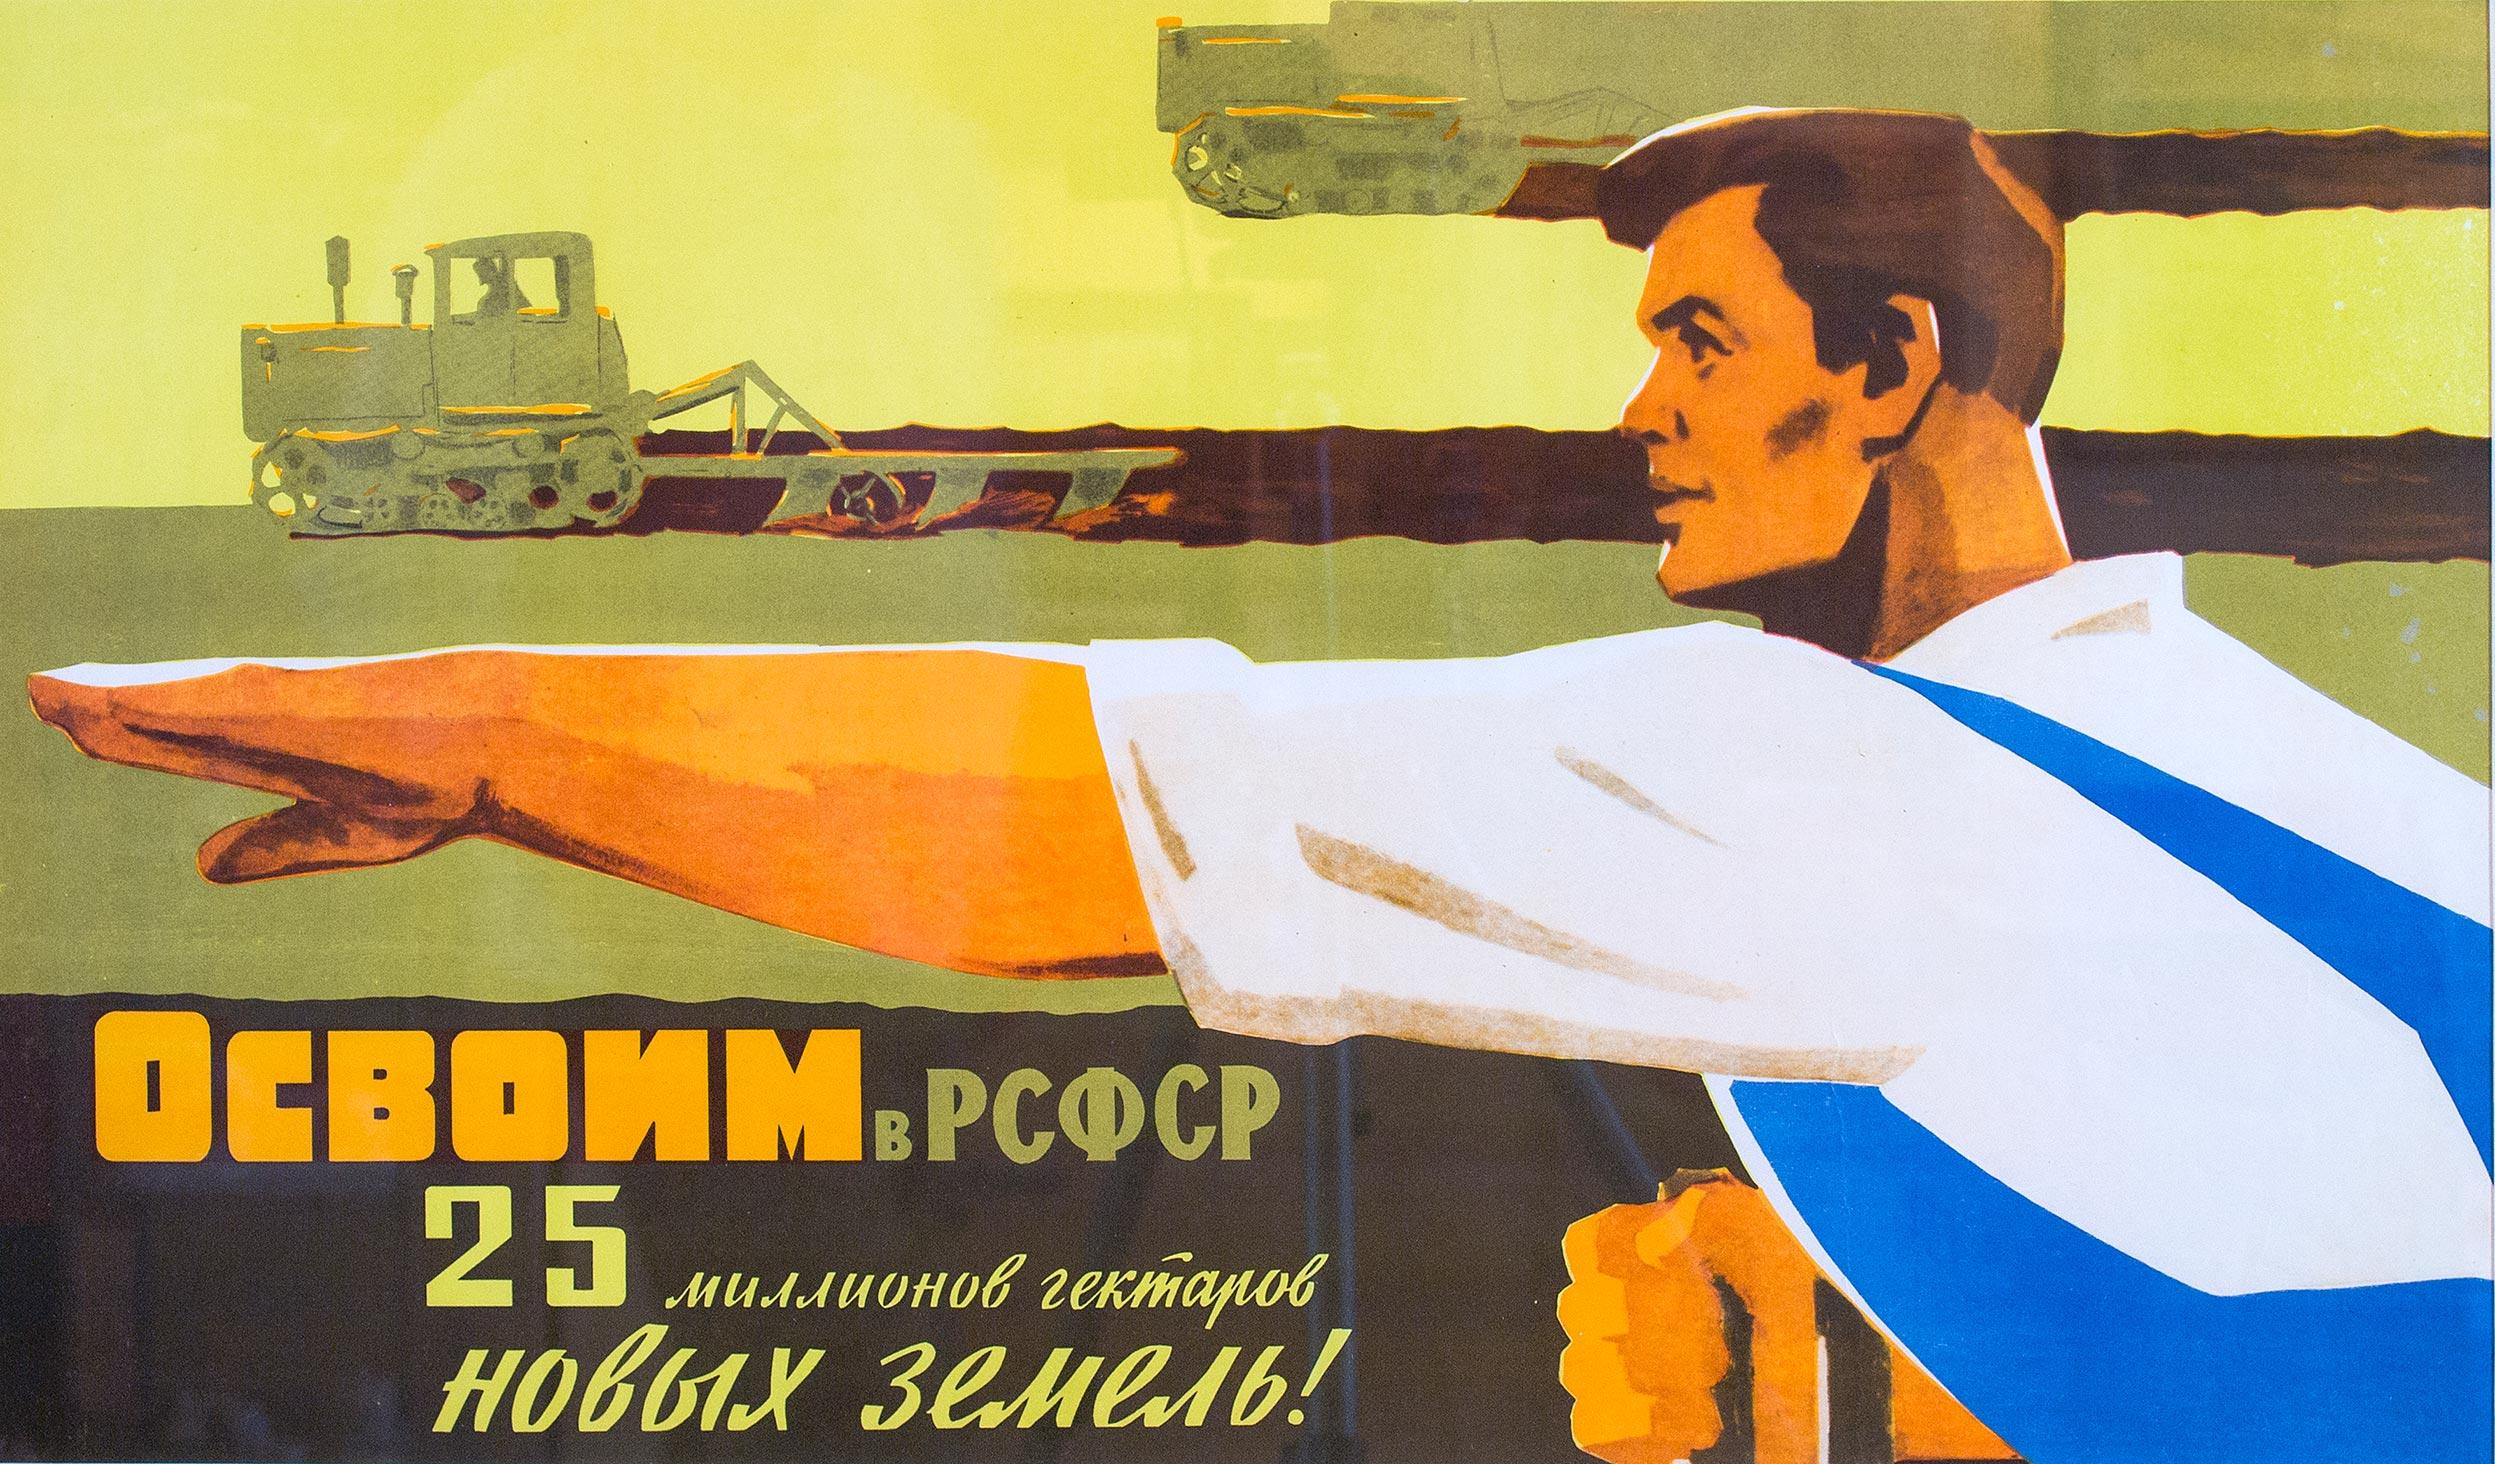 Освоим в РСФСР 25 миллионов гектаров новых земель!